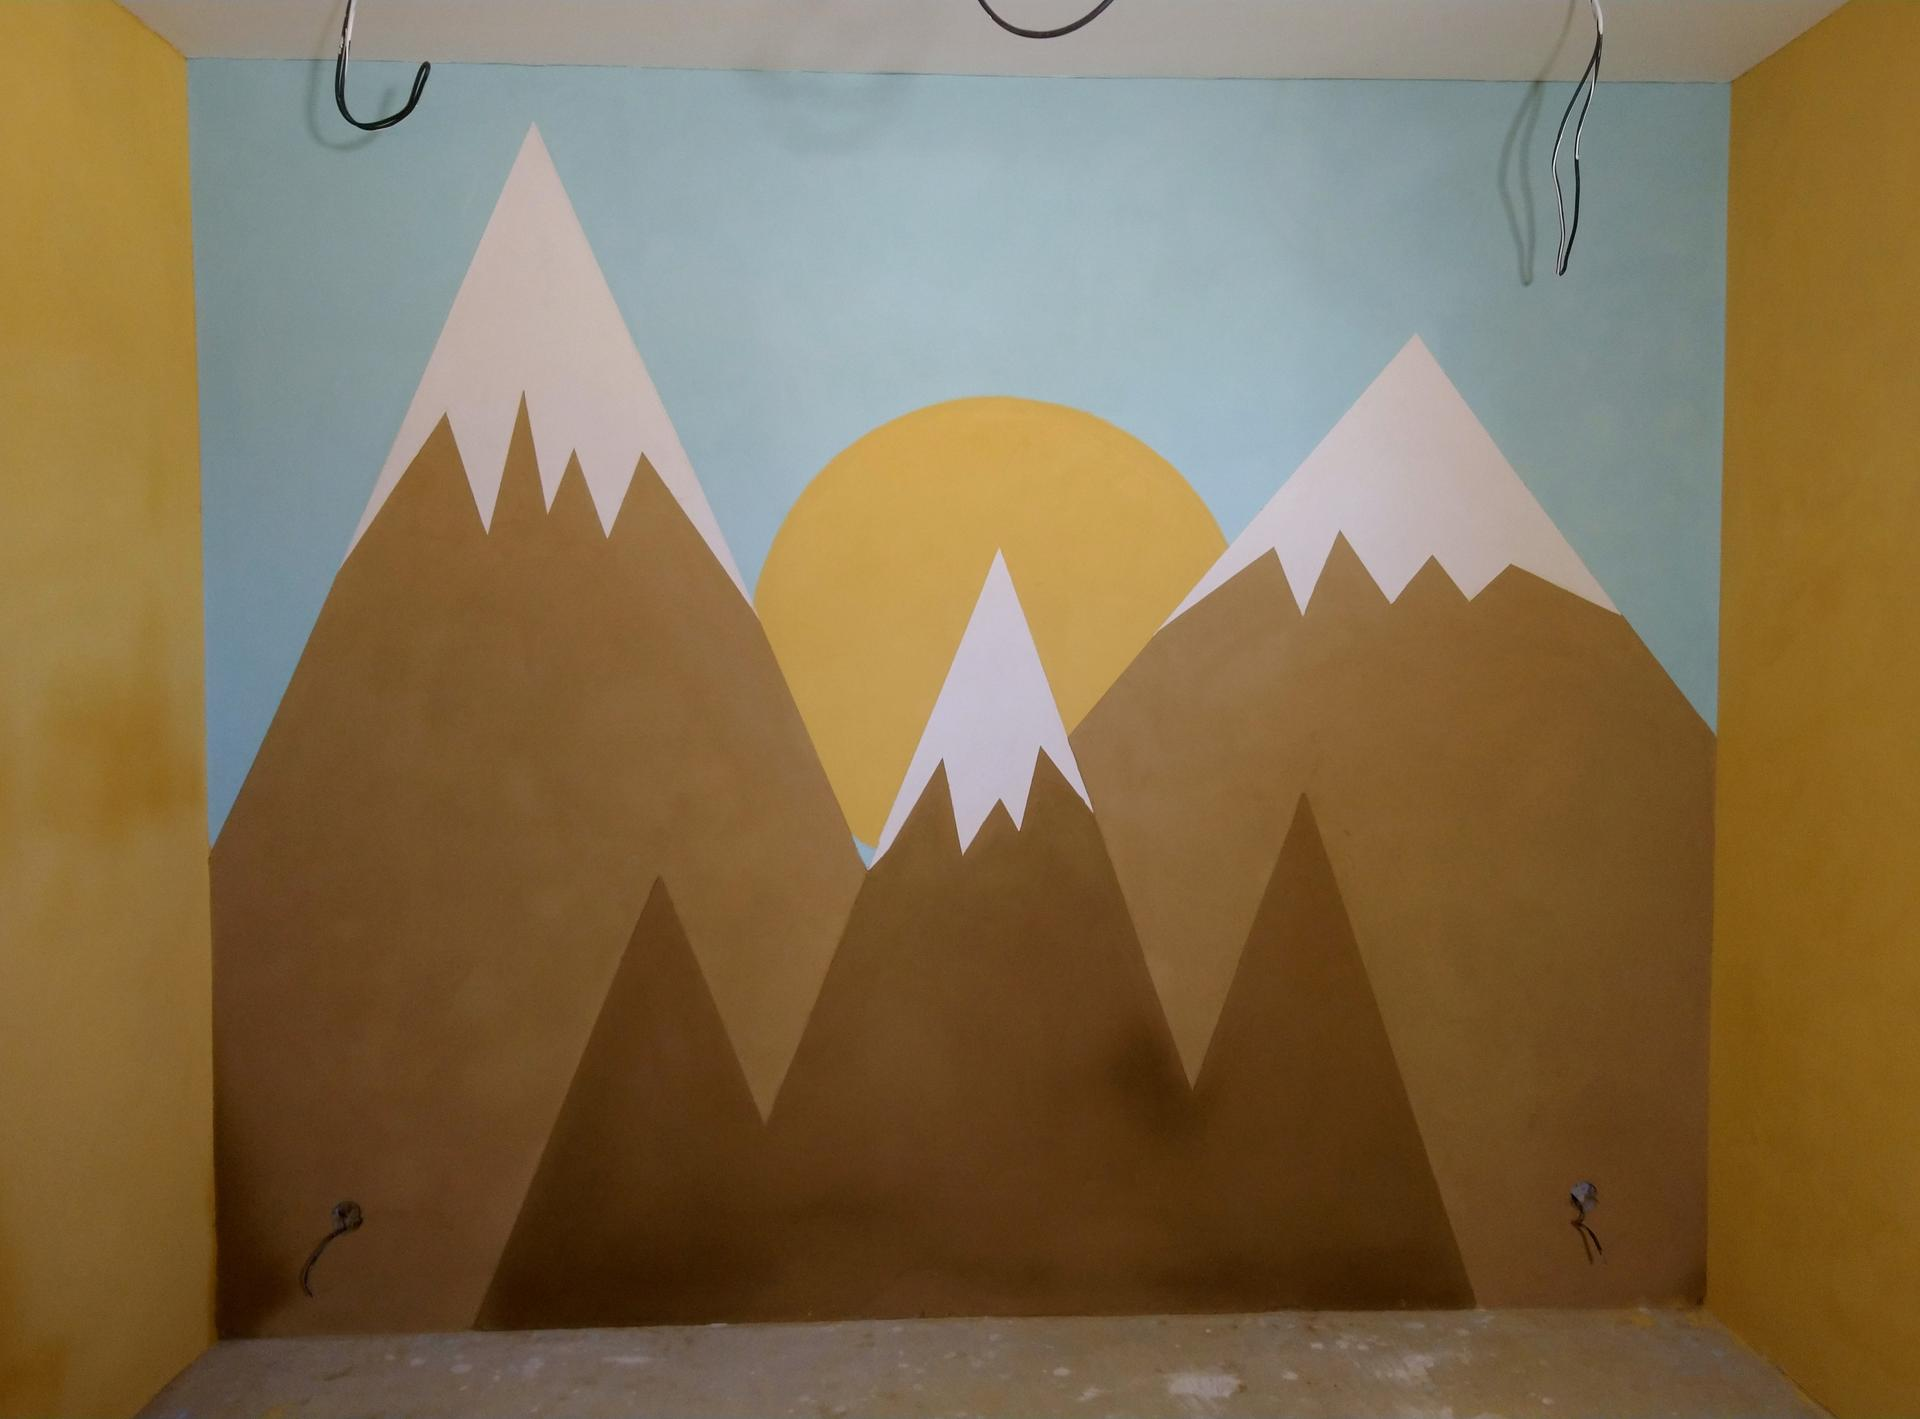 Hlinené omietky - Hory v detskej izbe, všetko robene iba pigmentovanou omietkou, žiadna maľba. Omietka ešte nieje celkom suchá, preto tie flaky.